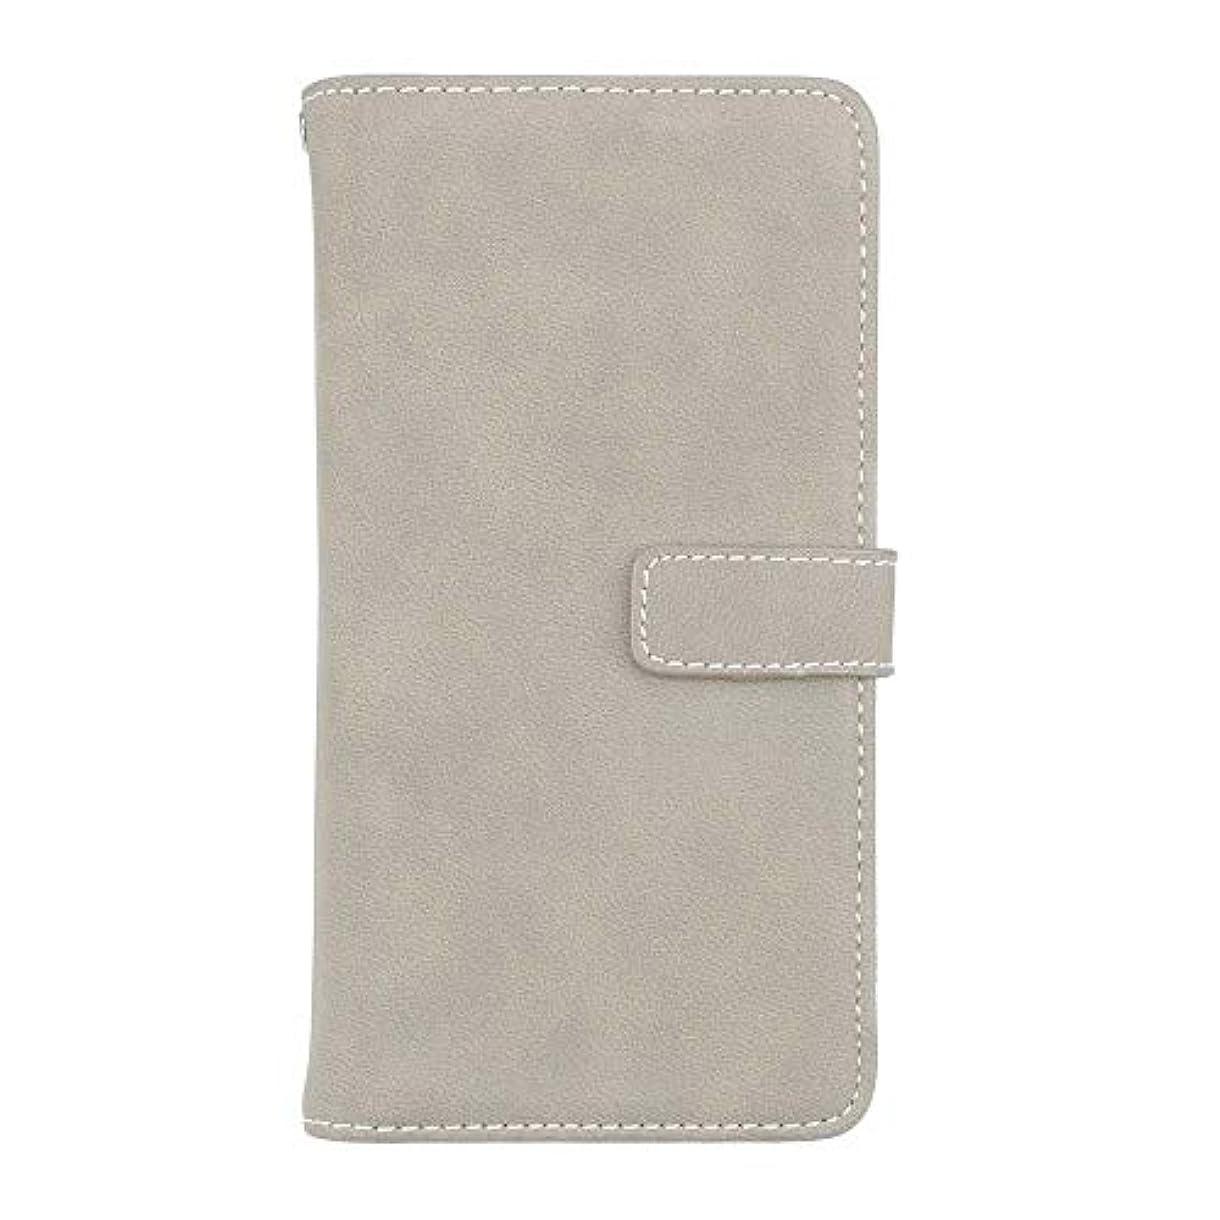 セイはさておき保育園インシデントXiaomi Redmi Note 5 高品質 マグネット ケース, CUNUS 携帯電話 ケース 軽量 柔軟 高品質 耐摩擦 カード収納 カバー Xiaomi Redmi Note 5 用, グレー